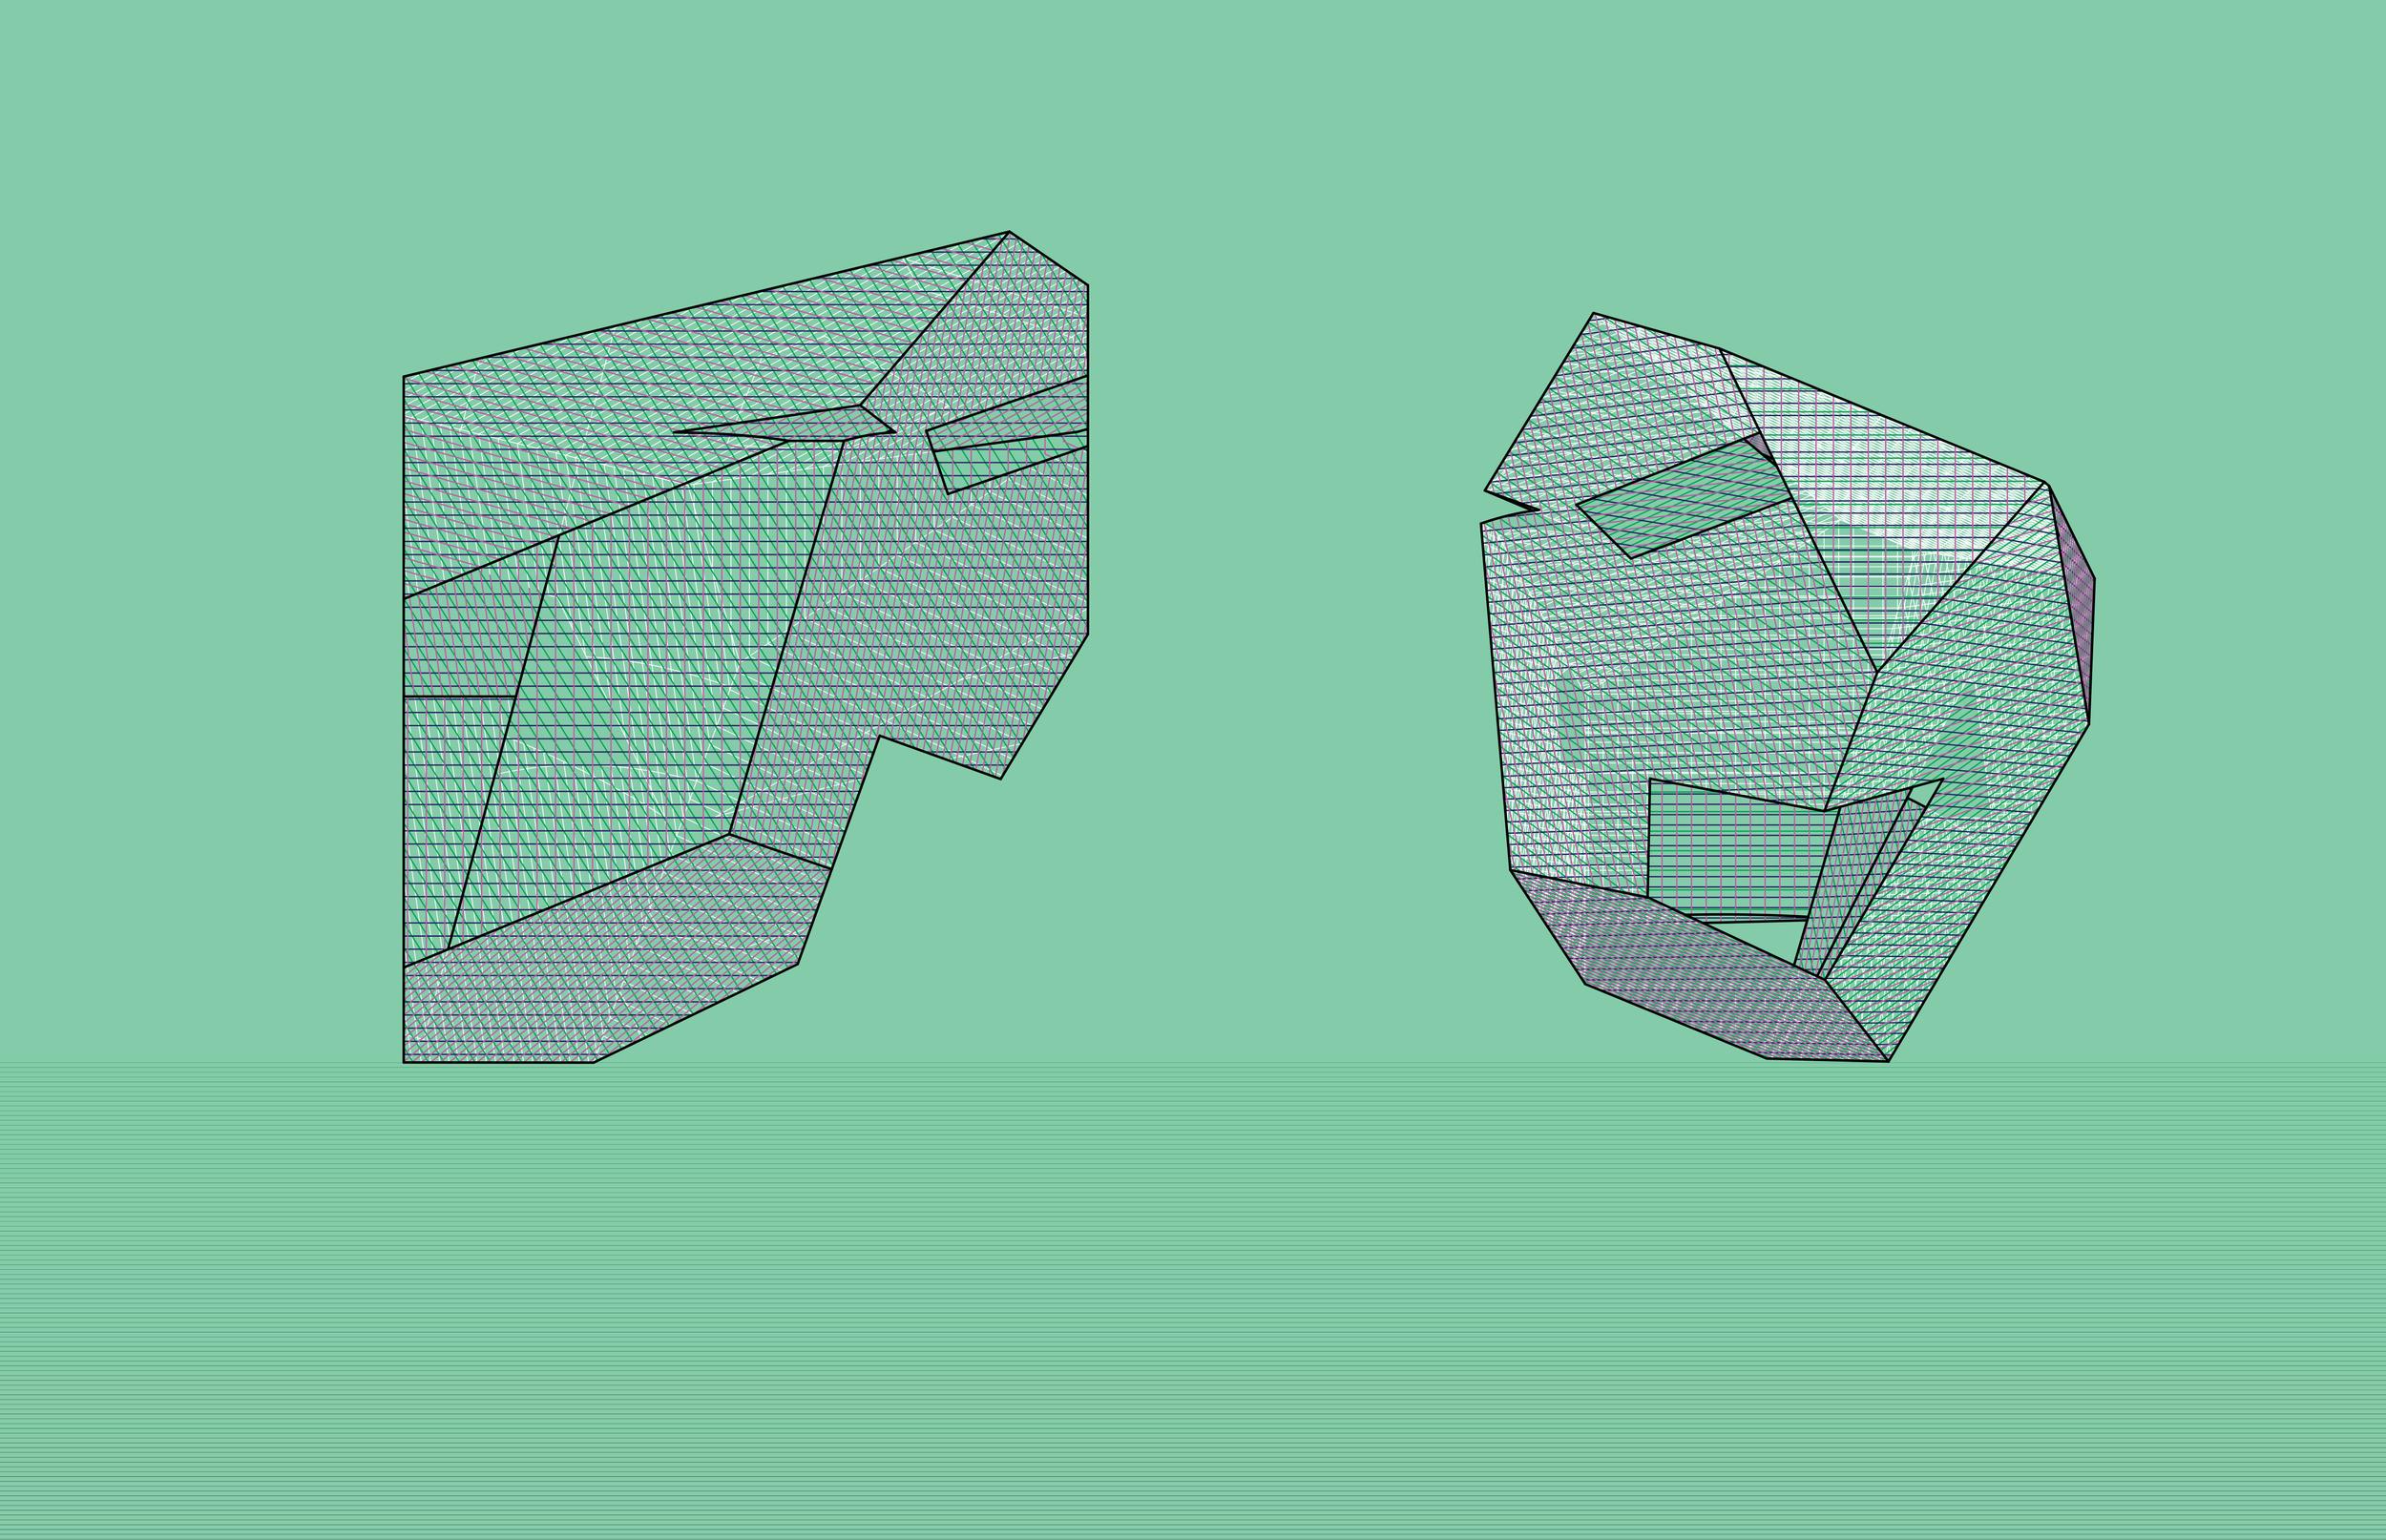 LA FORUM-Line Drawings_Mint-11.jpg